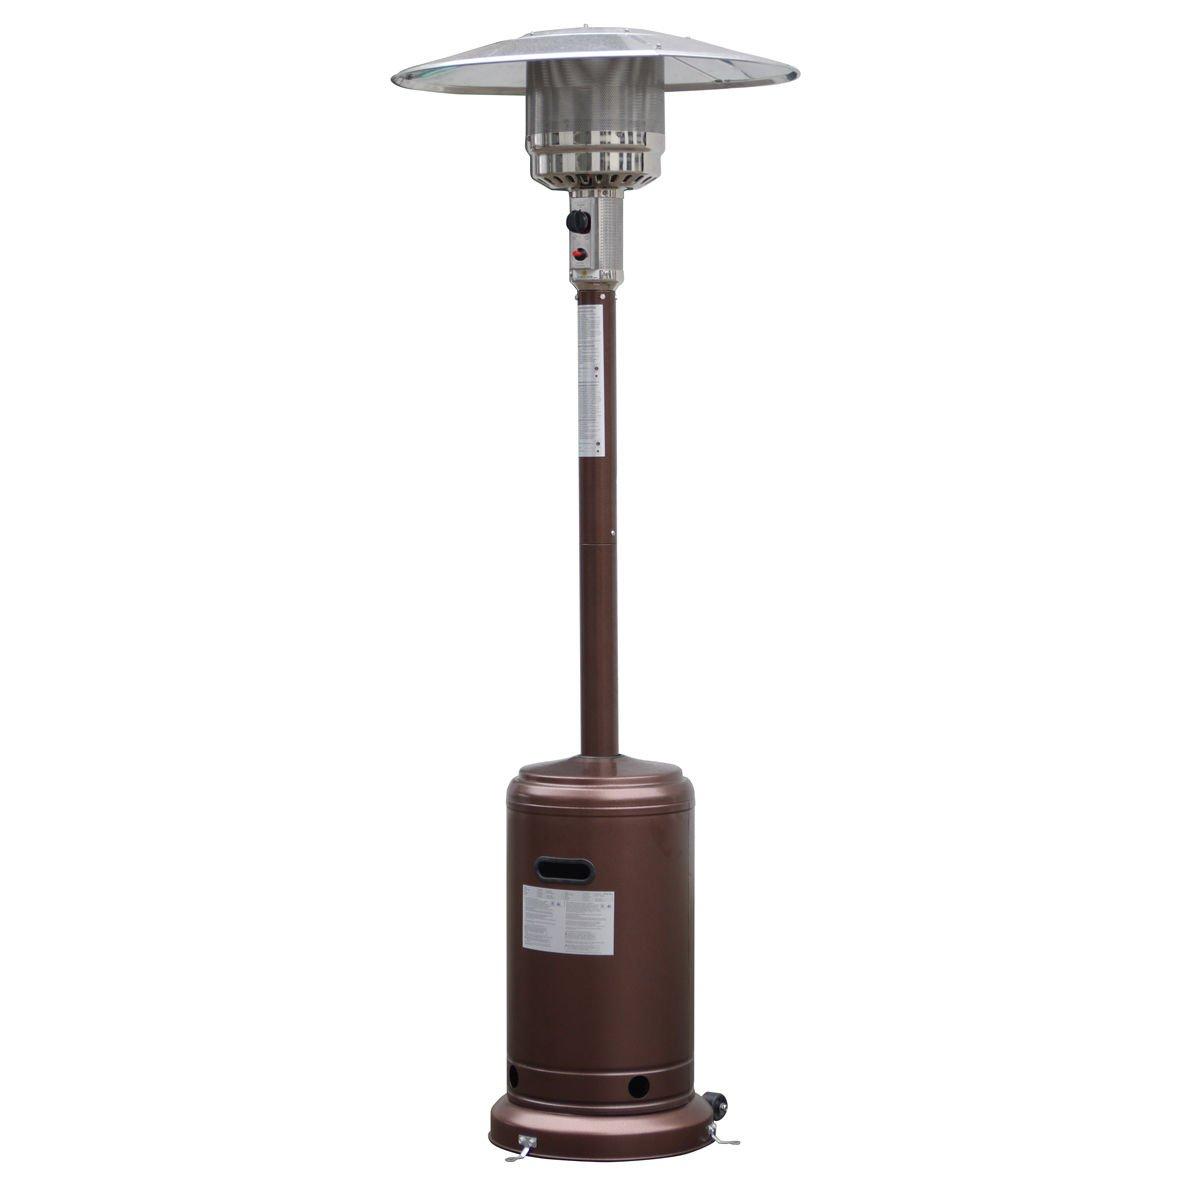 Amazon.com : Giantex Steel Outdoor Patio Heater Propane Lp Gas  W/accessories (Bronze) : Garden U0026 Outdoor